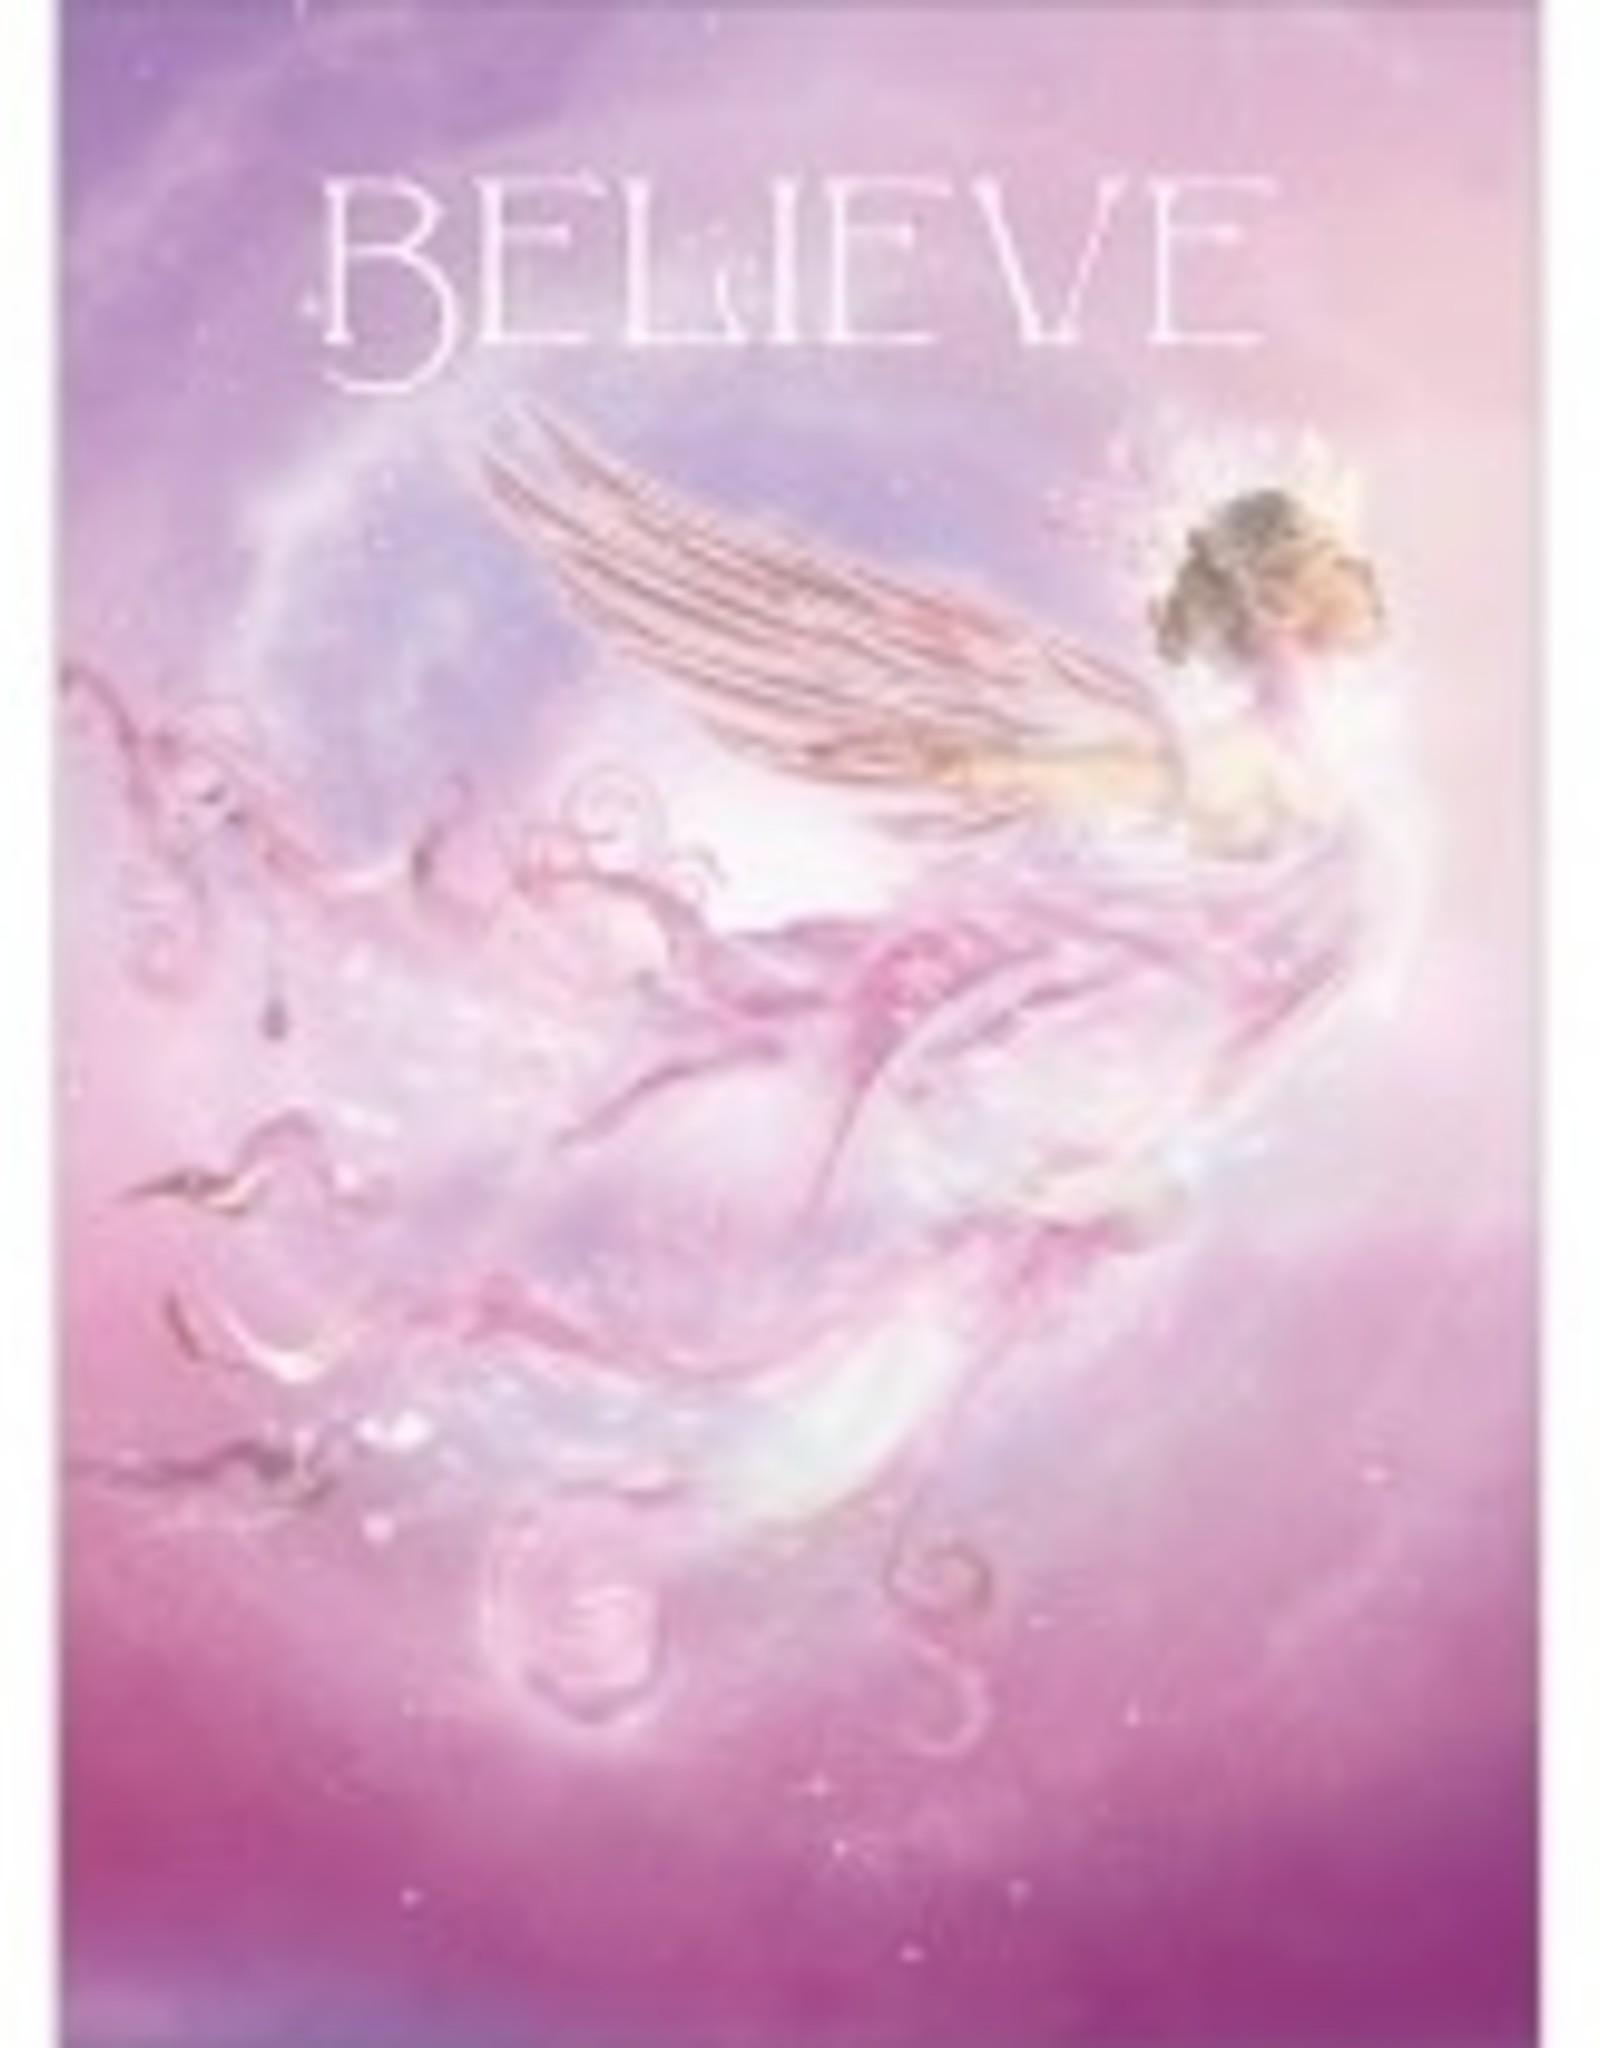 Tree - Free Greetings Believe - Greeting Card